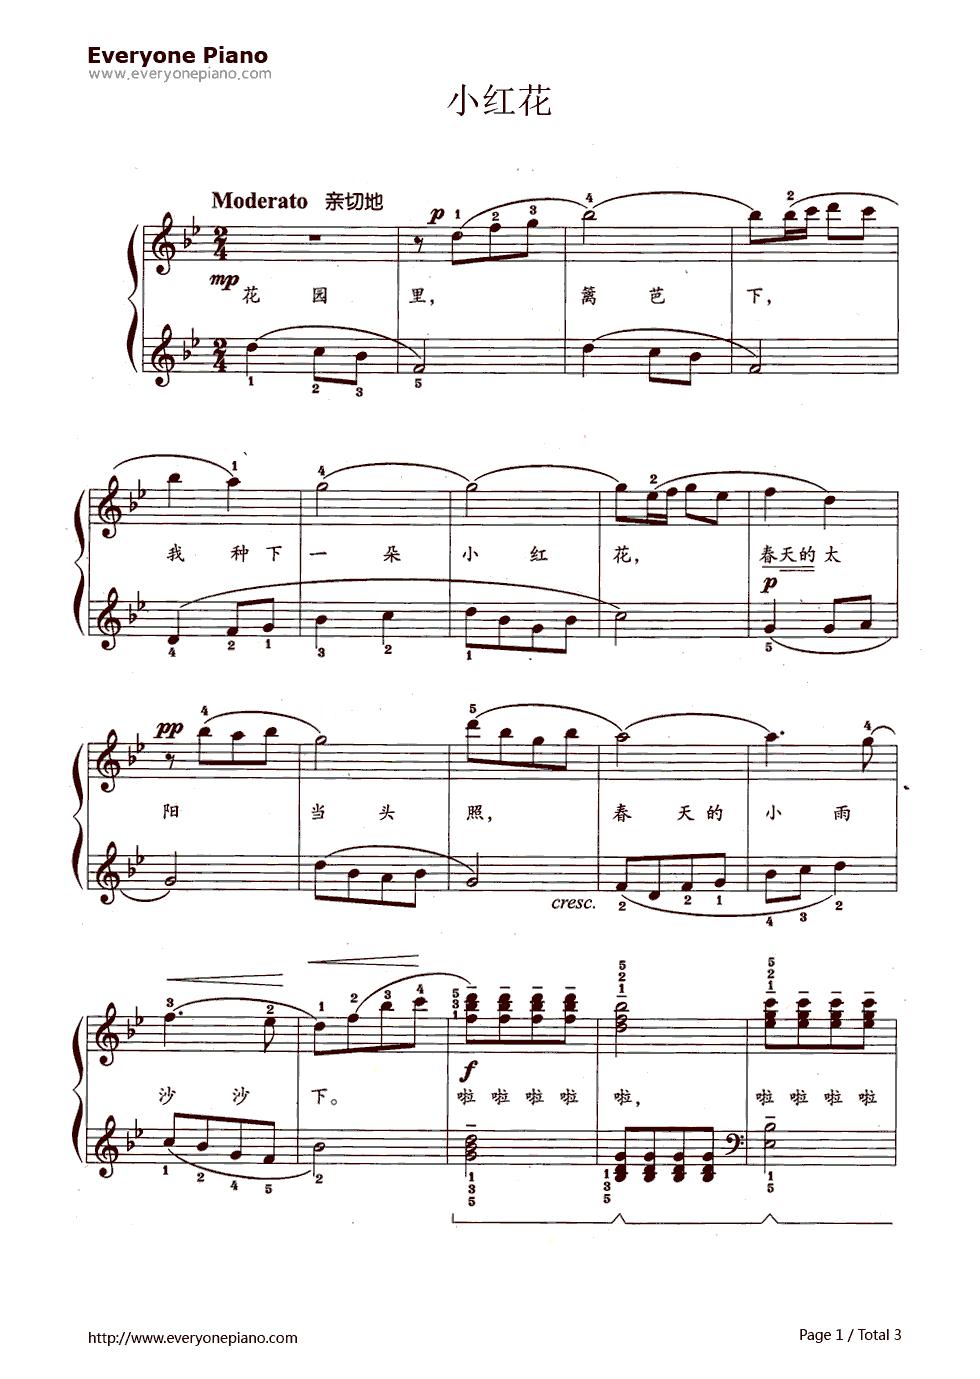 钢琴曲谱 儿歌 小红花 小红花五线谱预览1  }  仅供学习交流使用!